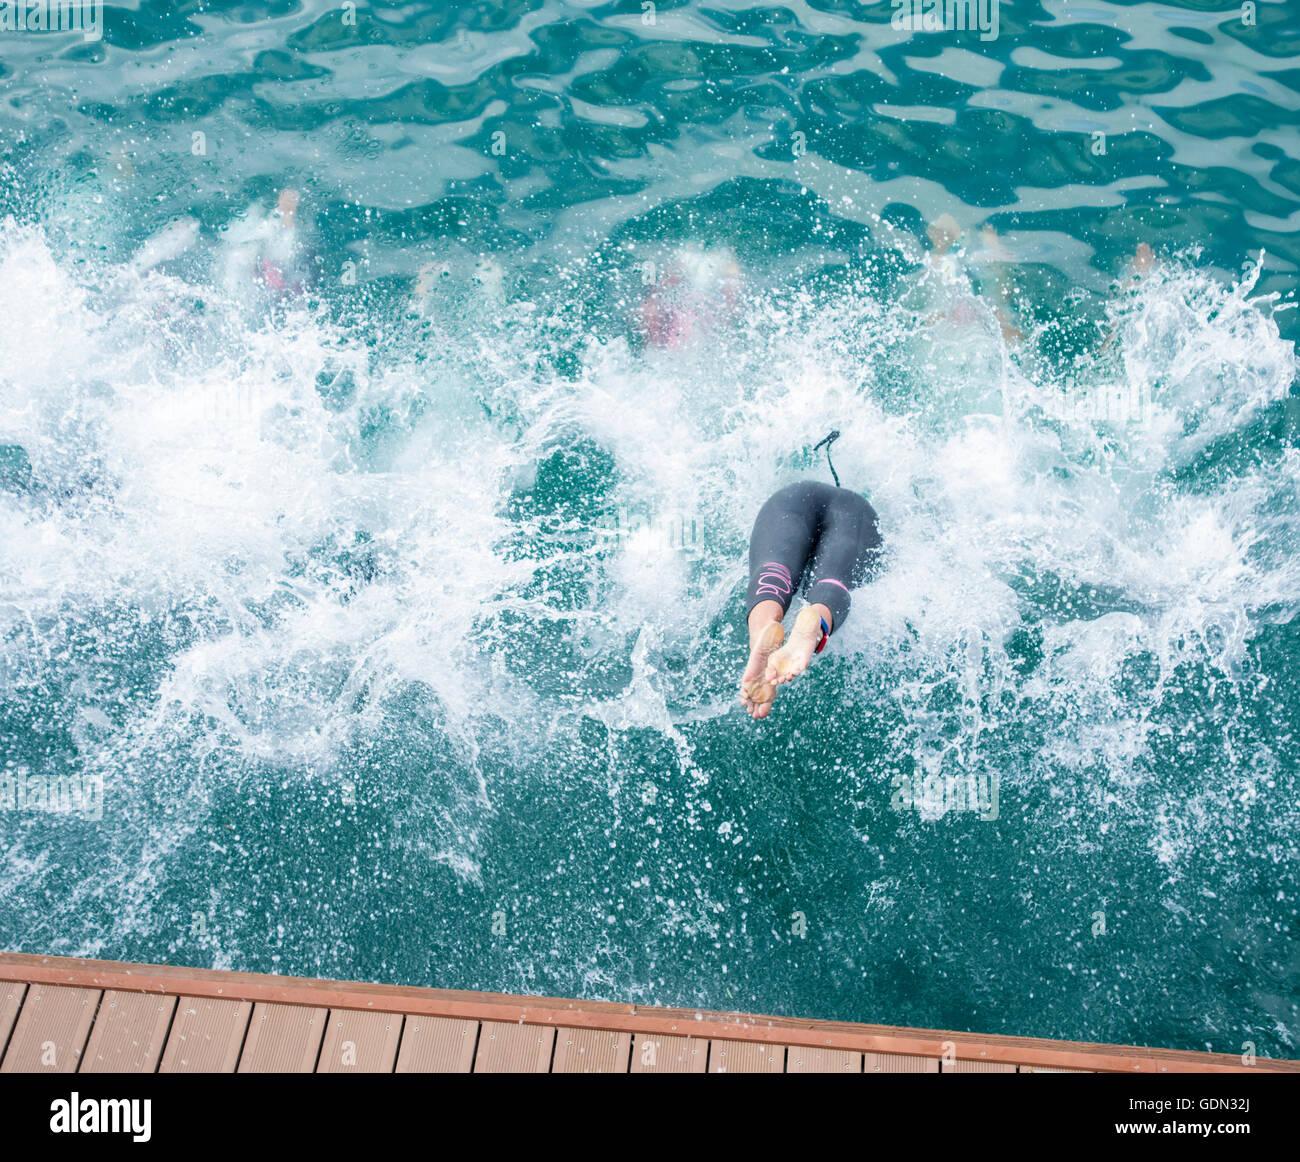 Triatleti femmina immersioni in mare a inizio gara di triathlon. Immagini Stock